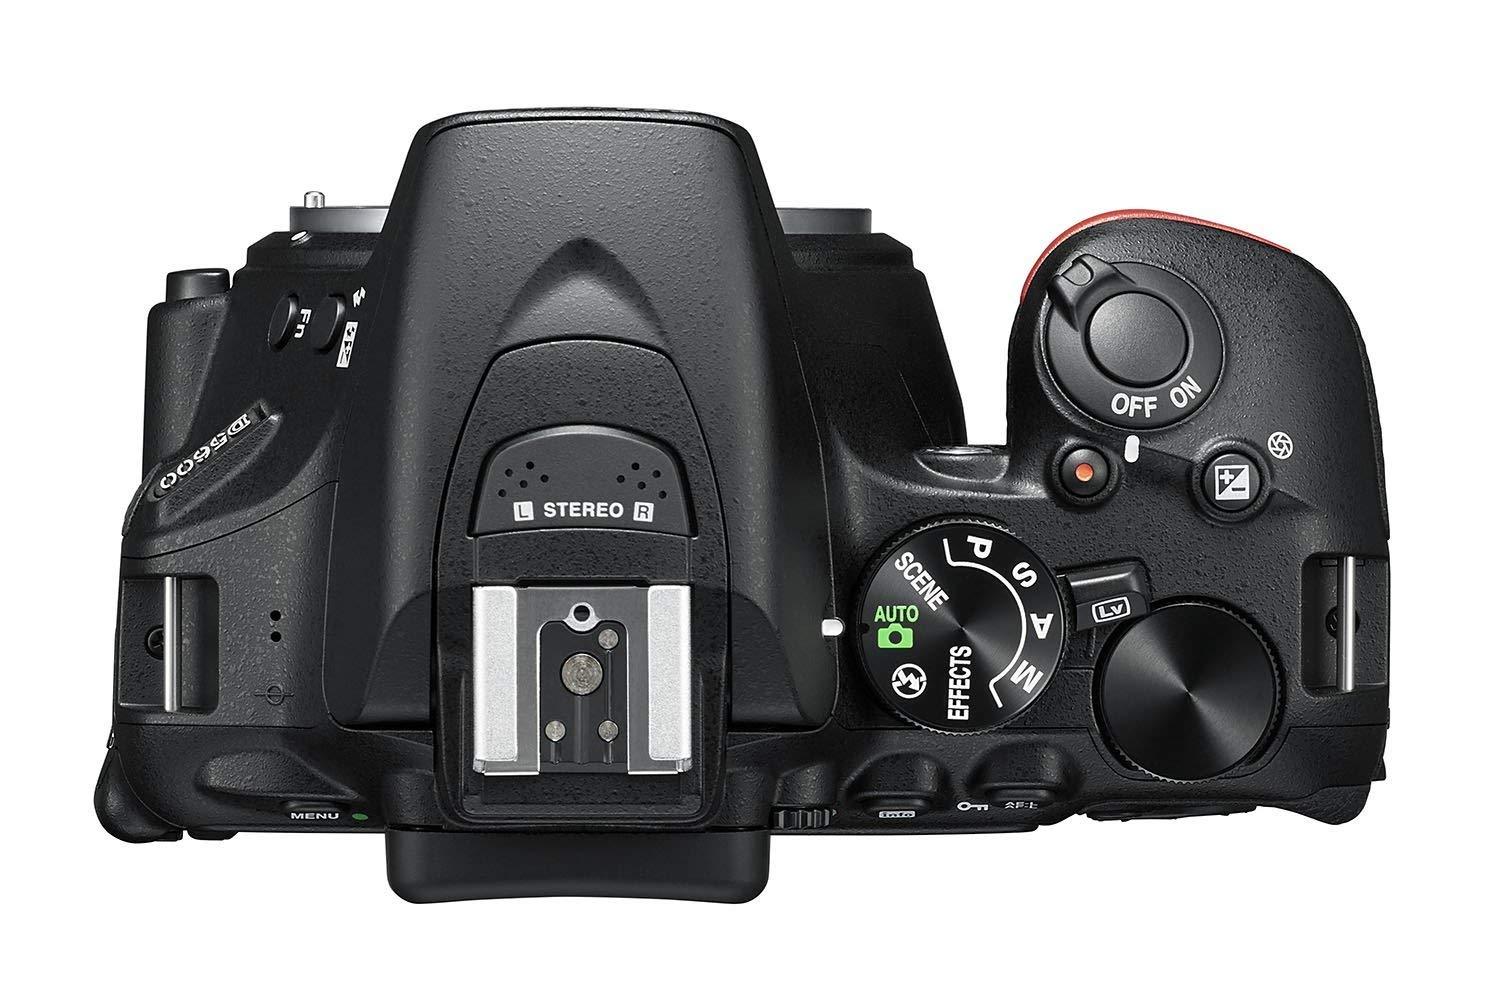 Nikon D5300 vs Nikon D5600 Connectivity Comparison image